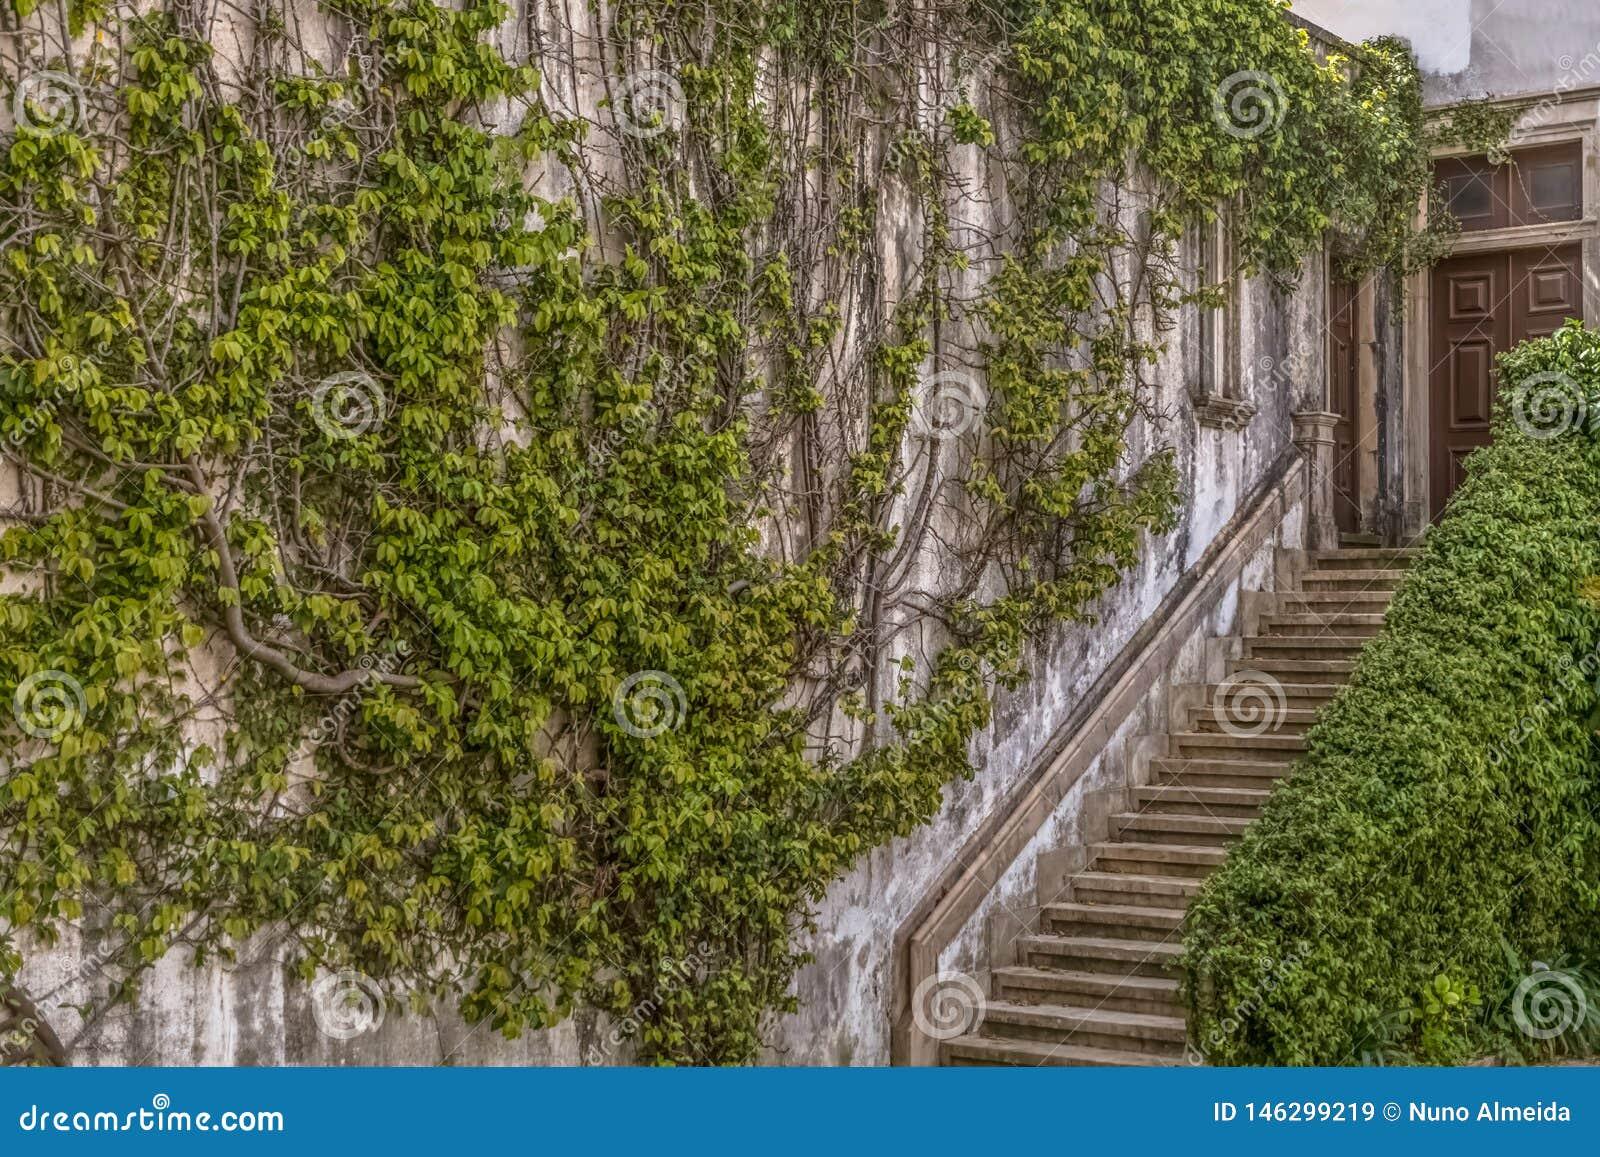 Κοΐμπρα/Πορτογαλία - 04 04 2019: Εσωτερική άποψη του πανεπιστημίου της Κοΐμπρα, κτήριο τμημάτων νόμου, παλάτι Melos, αναρρίχηση